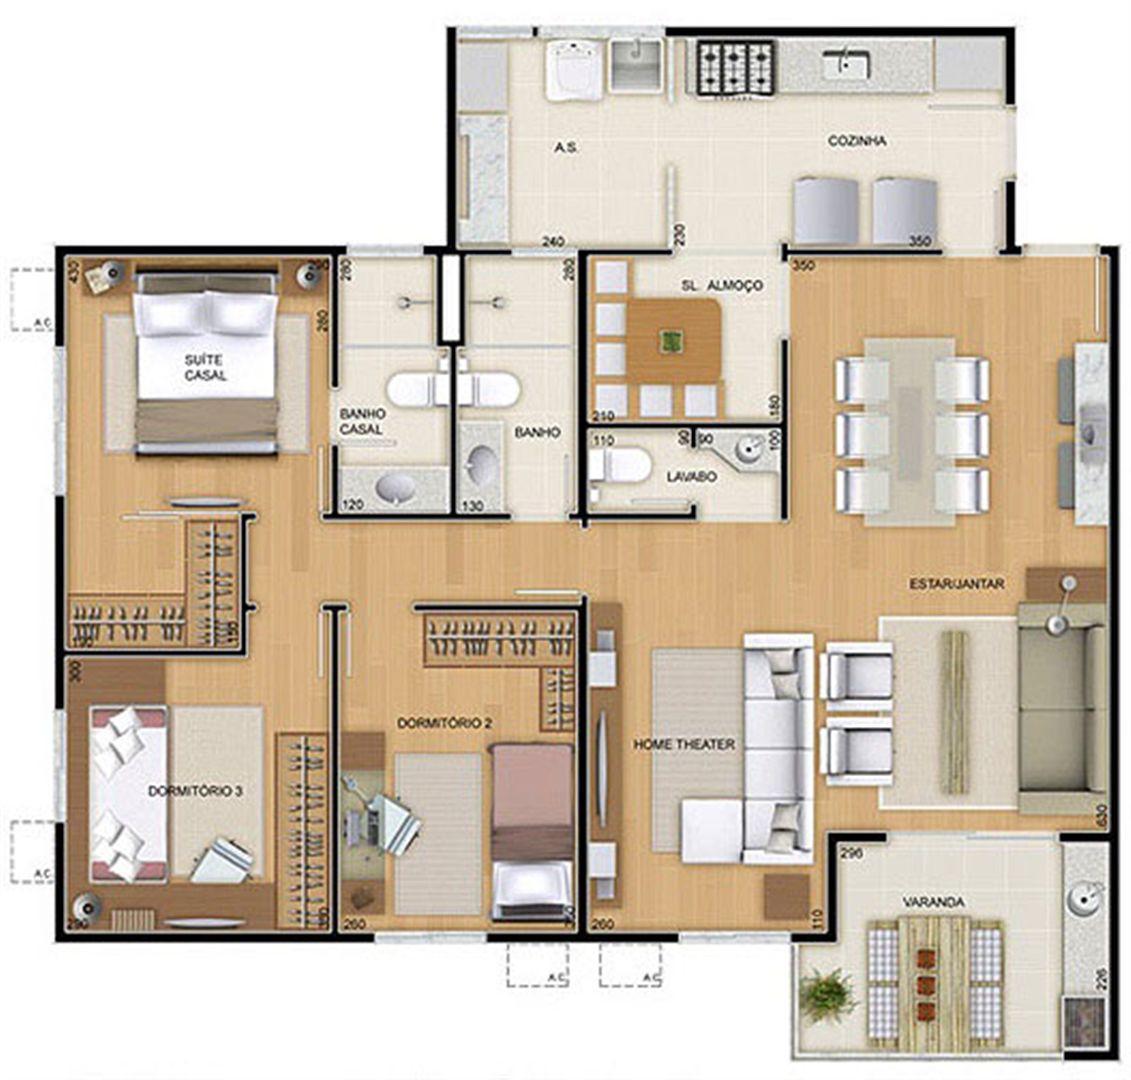 Torres 1 e 4 - 4 Quartos - 109 m² - Planta opção - 3 quartos e Sala Ampliada | Reserva Verde Residencial Park – Apartamento em  Laranjeiras - Serra - Espírito Santo